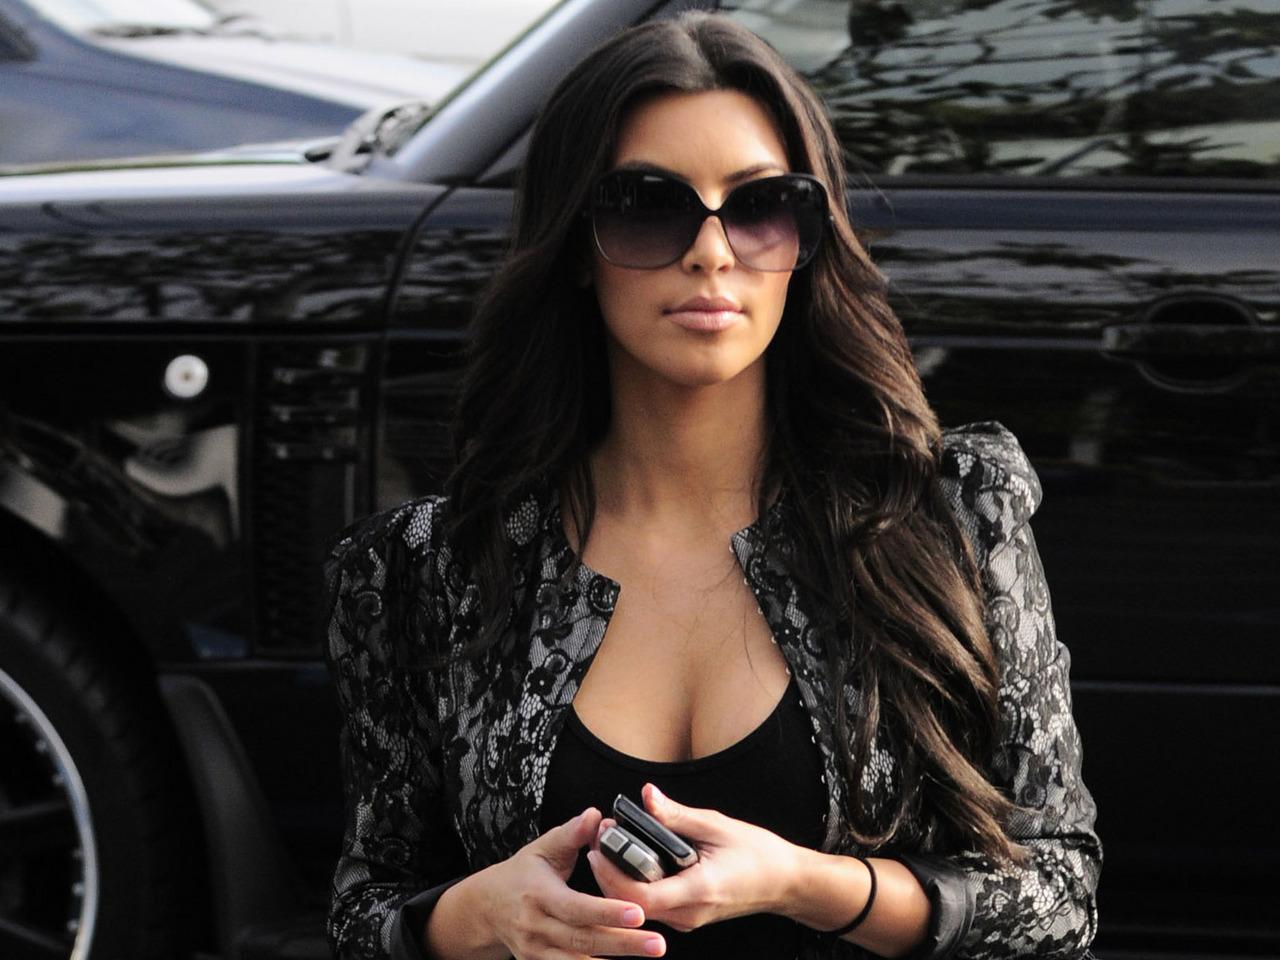 http://2.bp.blogspot.com/-CVn-cbvURKY/TyvaaupnfaI/AAAAAAAAC_k/F2a5YApVfiA/s1600/Kim-Kardashian-Wallpapers-1.jpg